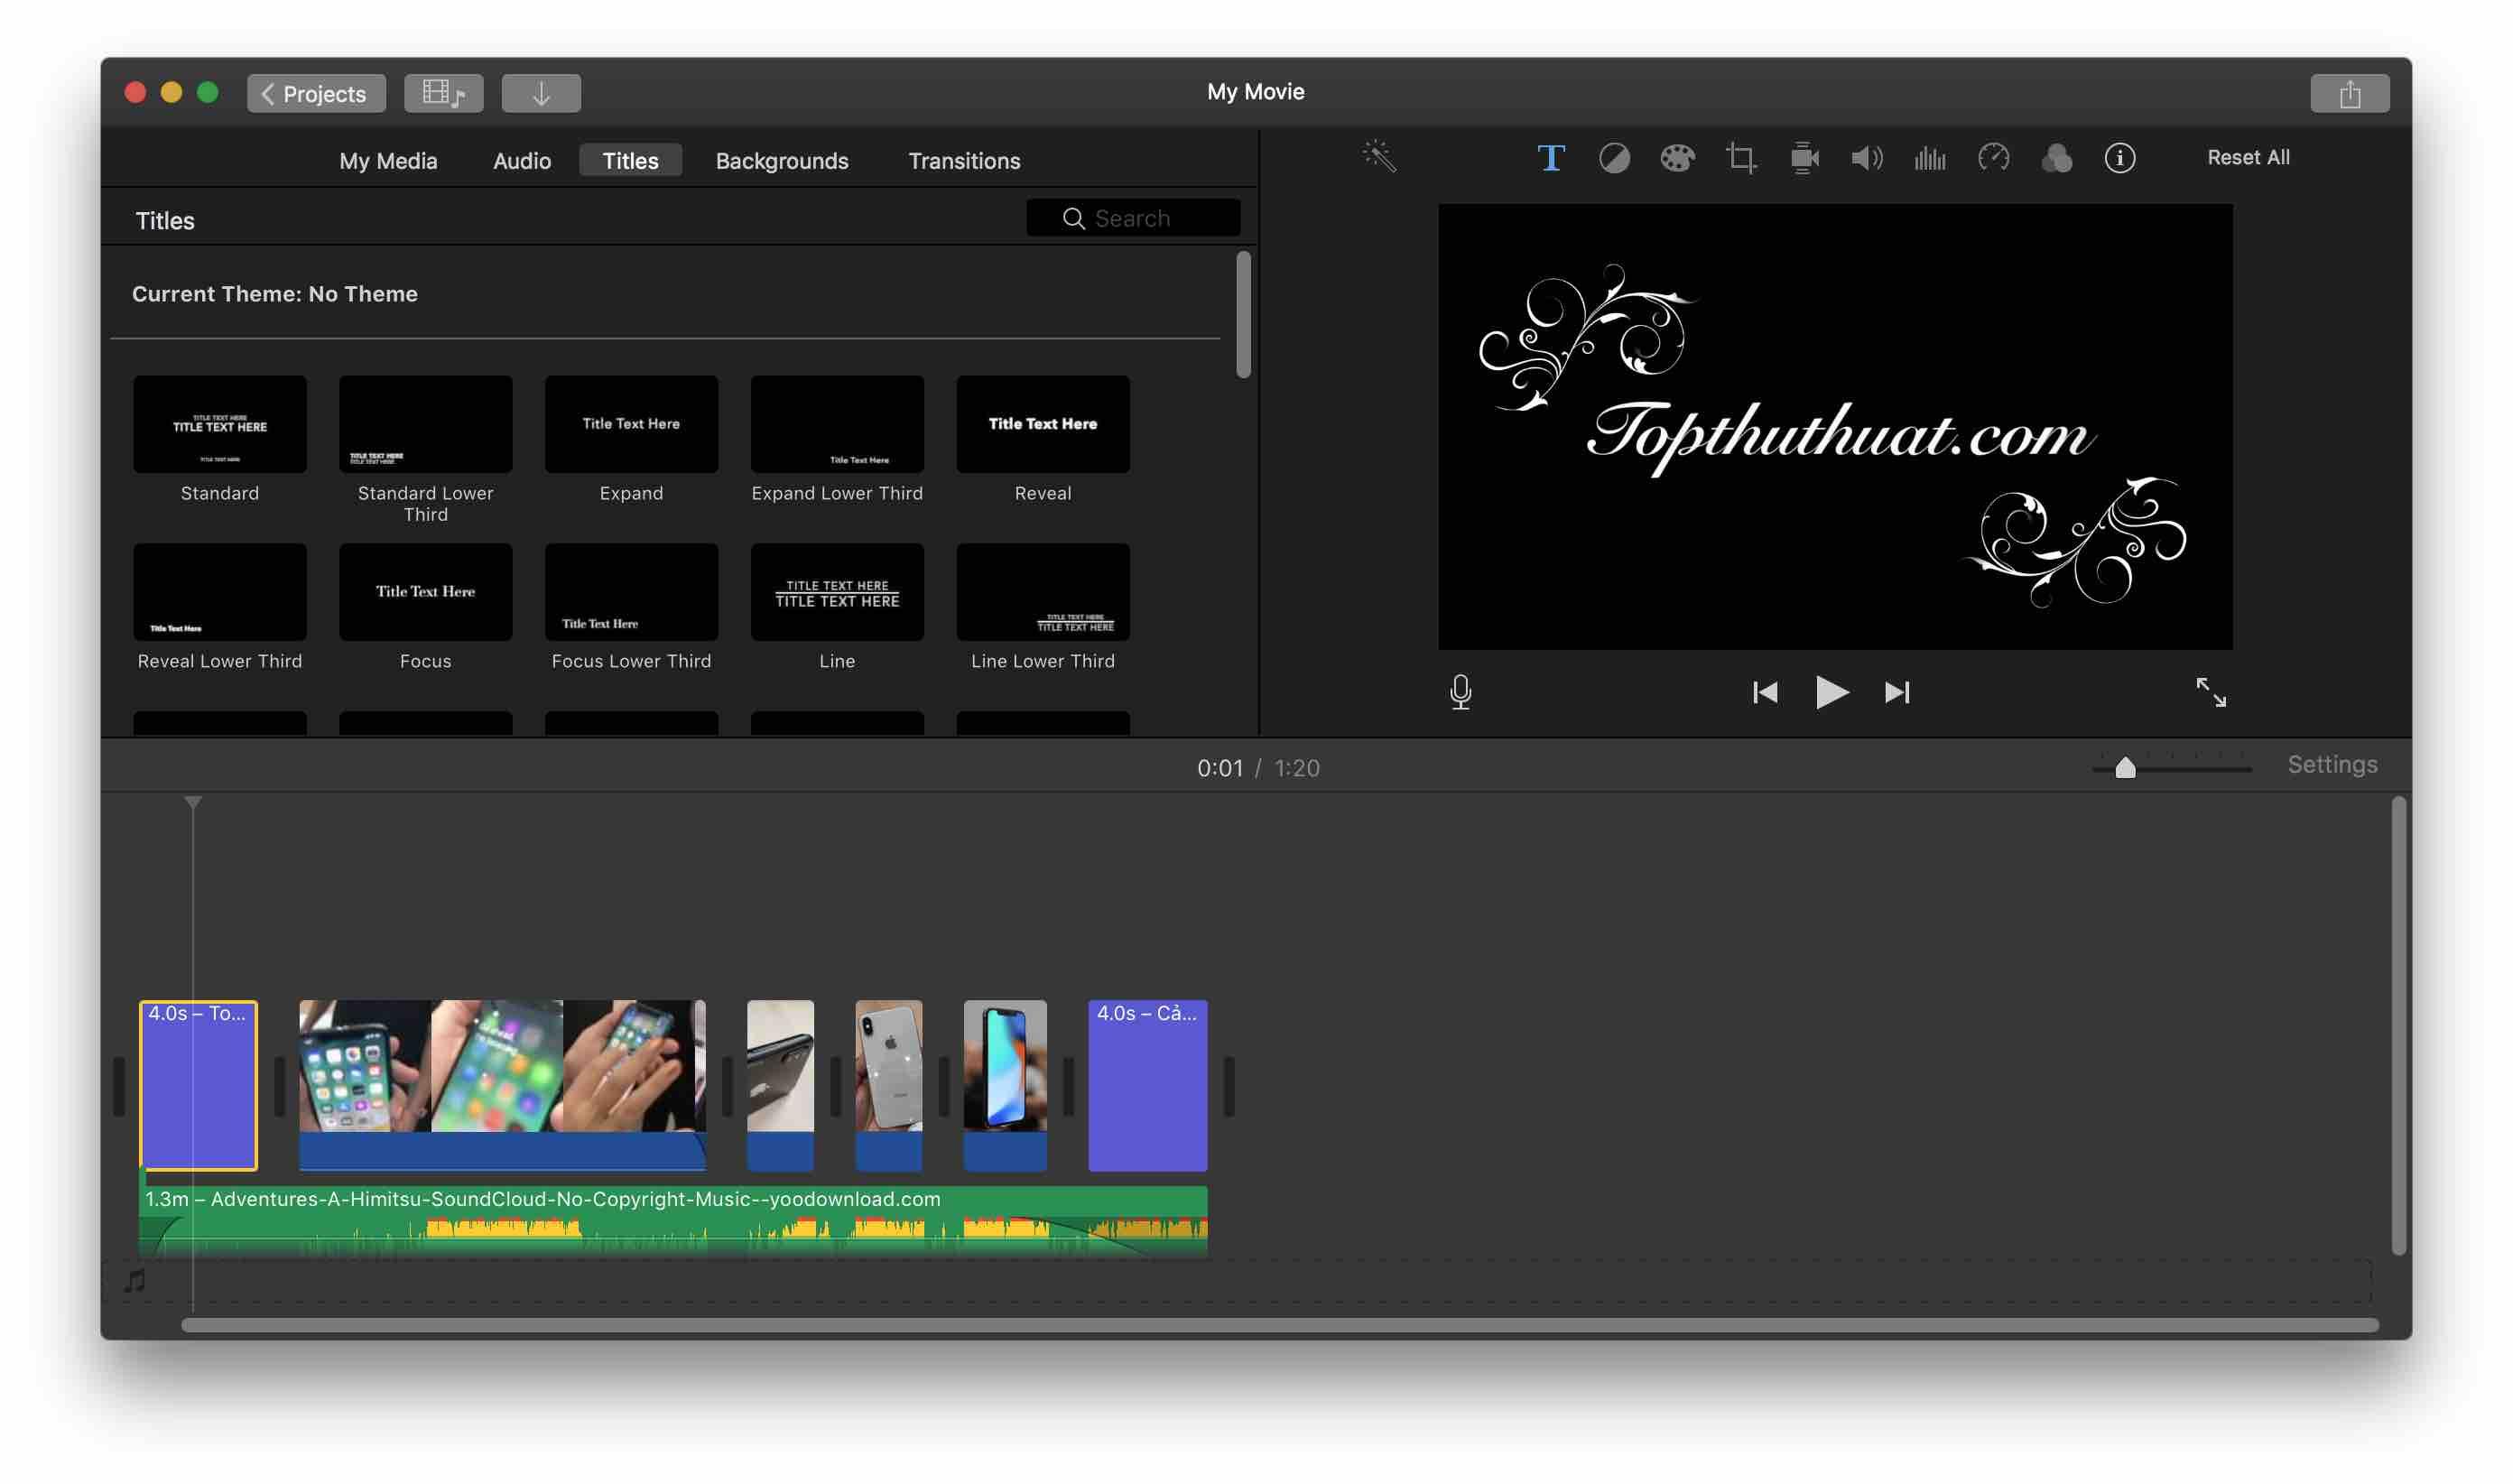 cat ghep video 1 - Hướng dẫn kinh doanh online sách cho sinh viên – người đi làm trong dịp hè hiệu quả nhất (P.1)